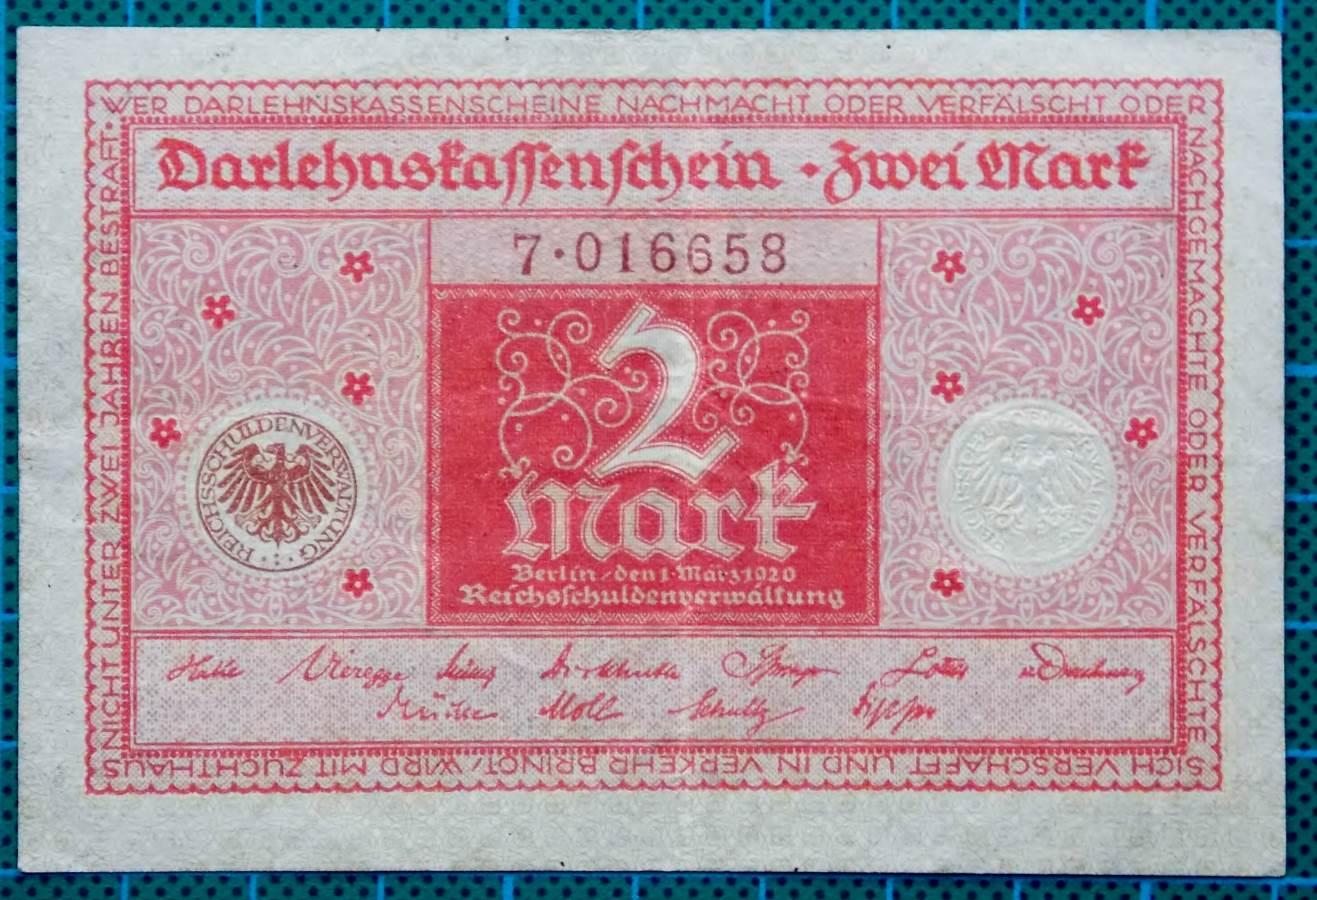 1920 DARLEHNSKASSENSCHEIN ZWEI MARK NOTGELD